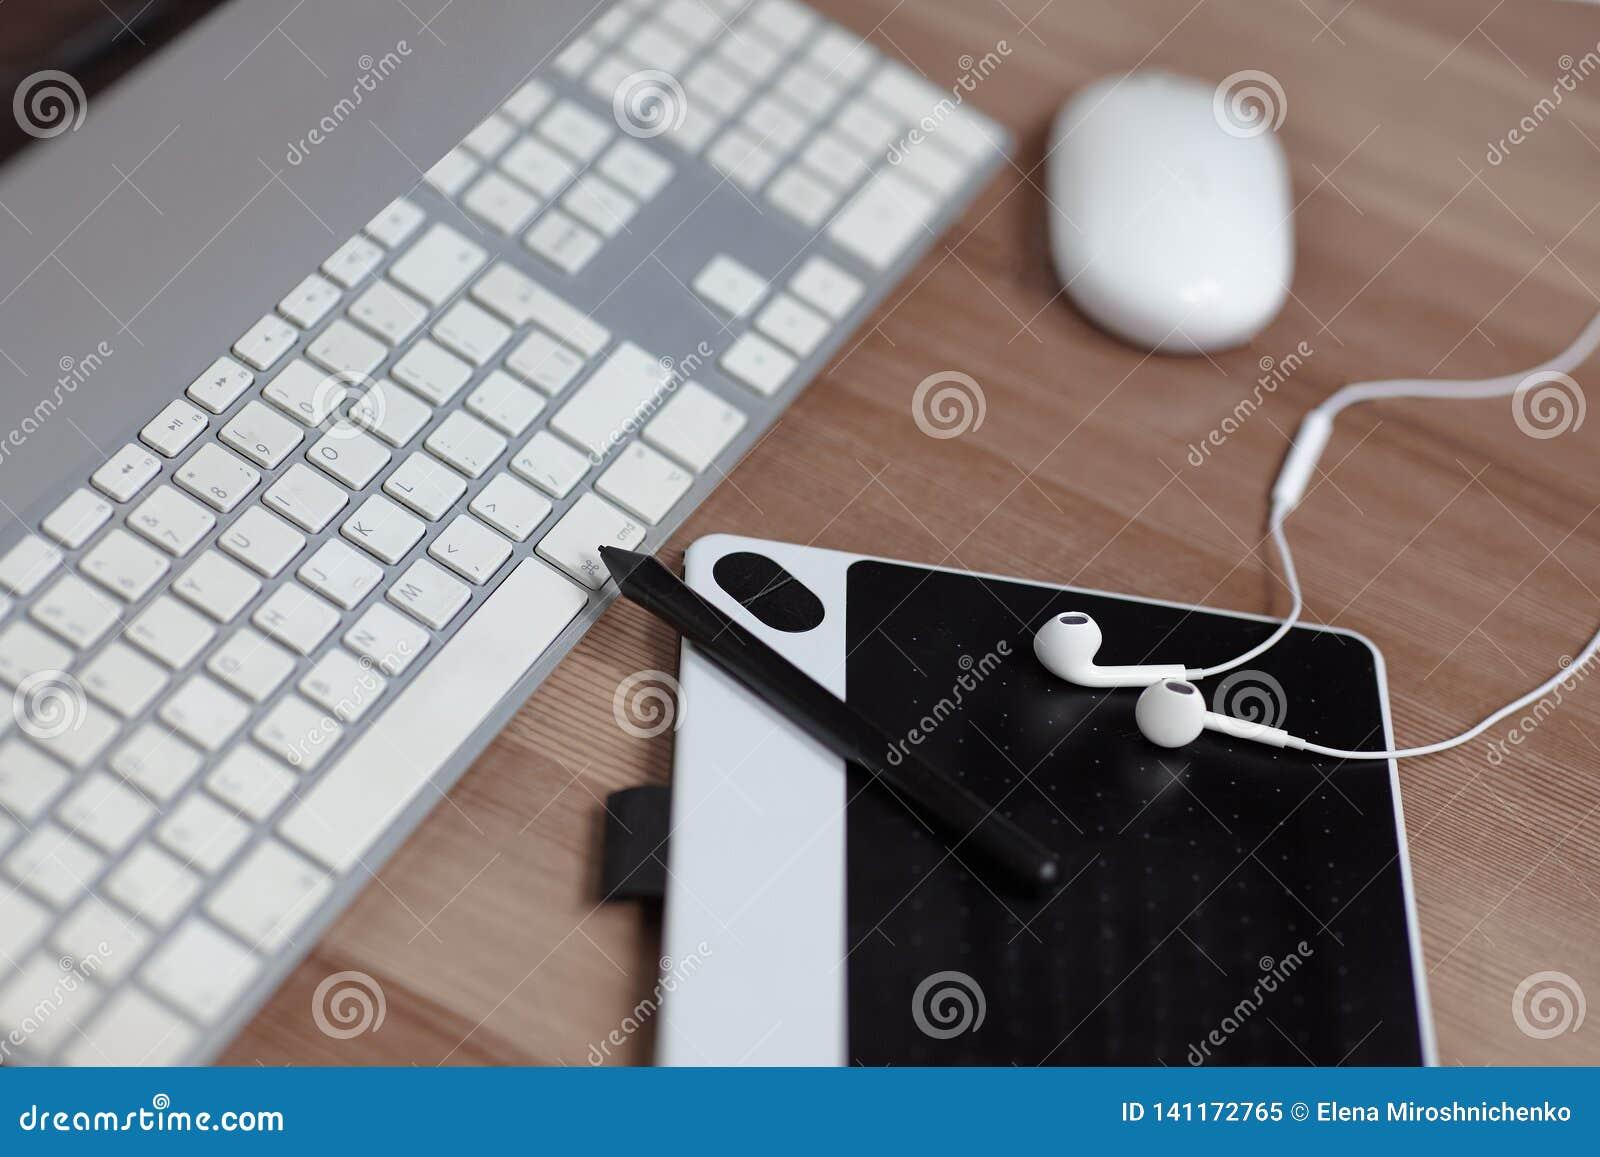 Die Ausrüstung des Fotografen oder des grafic Designercomputers, der Maus, der grafic Tablette, des Griffels und der Kopfhörer Ar